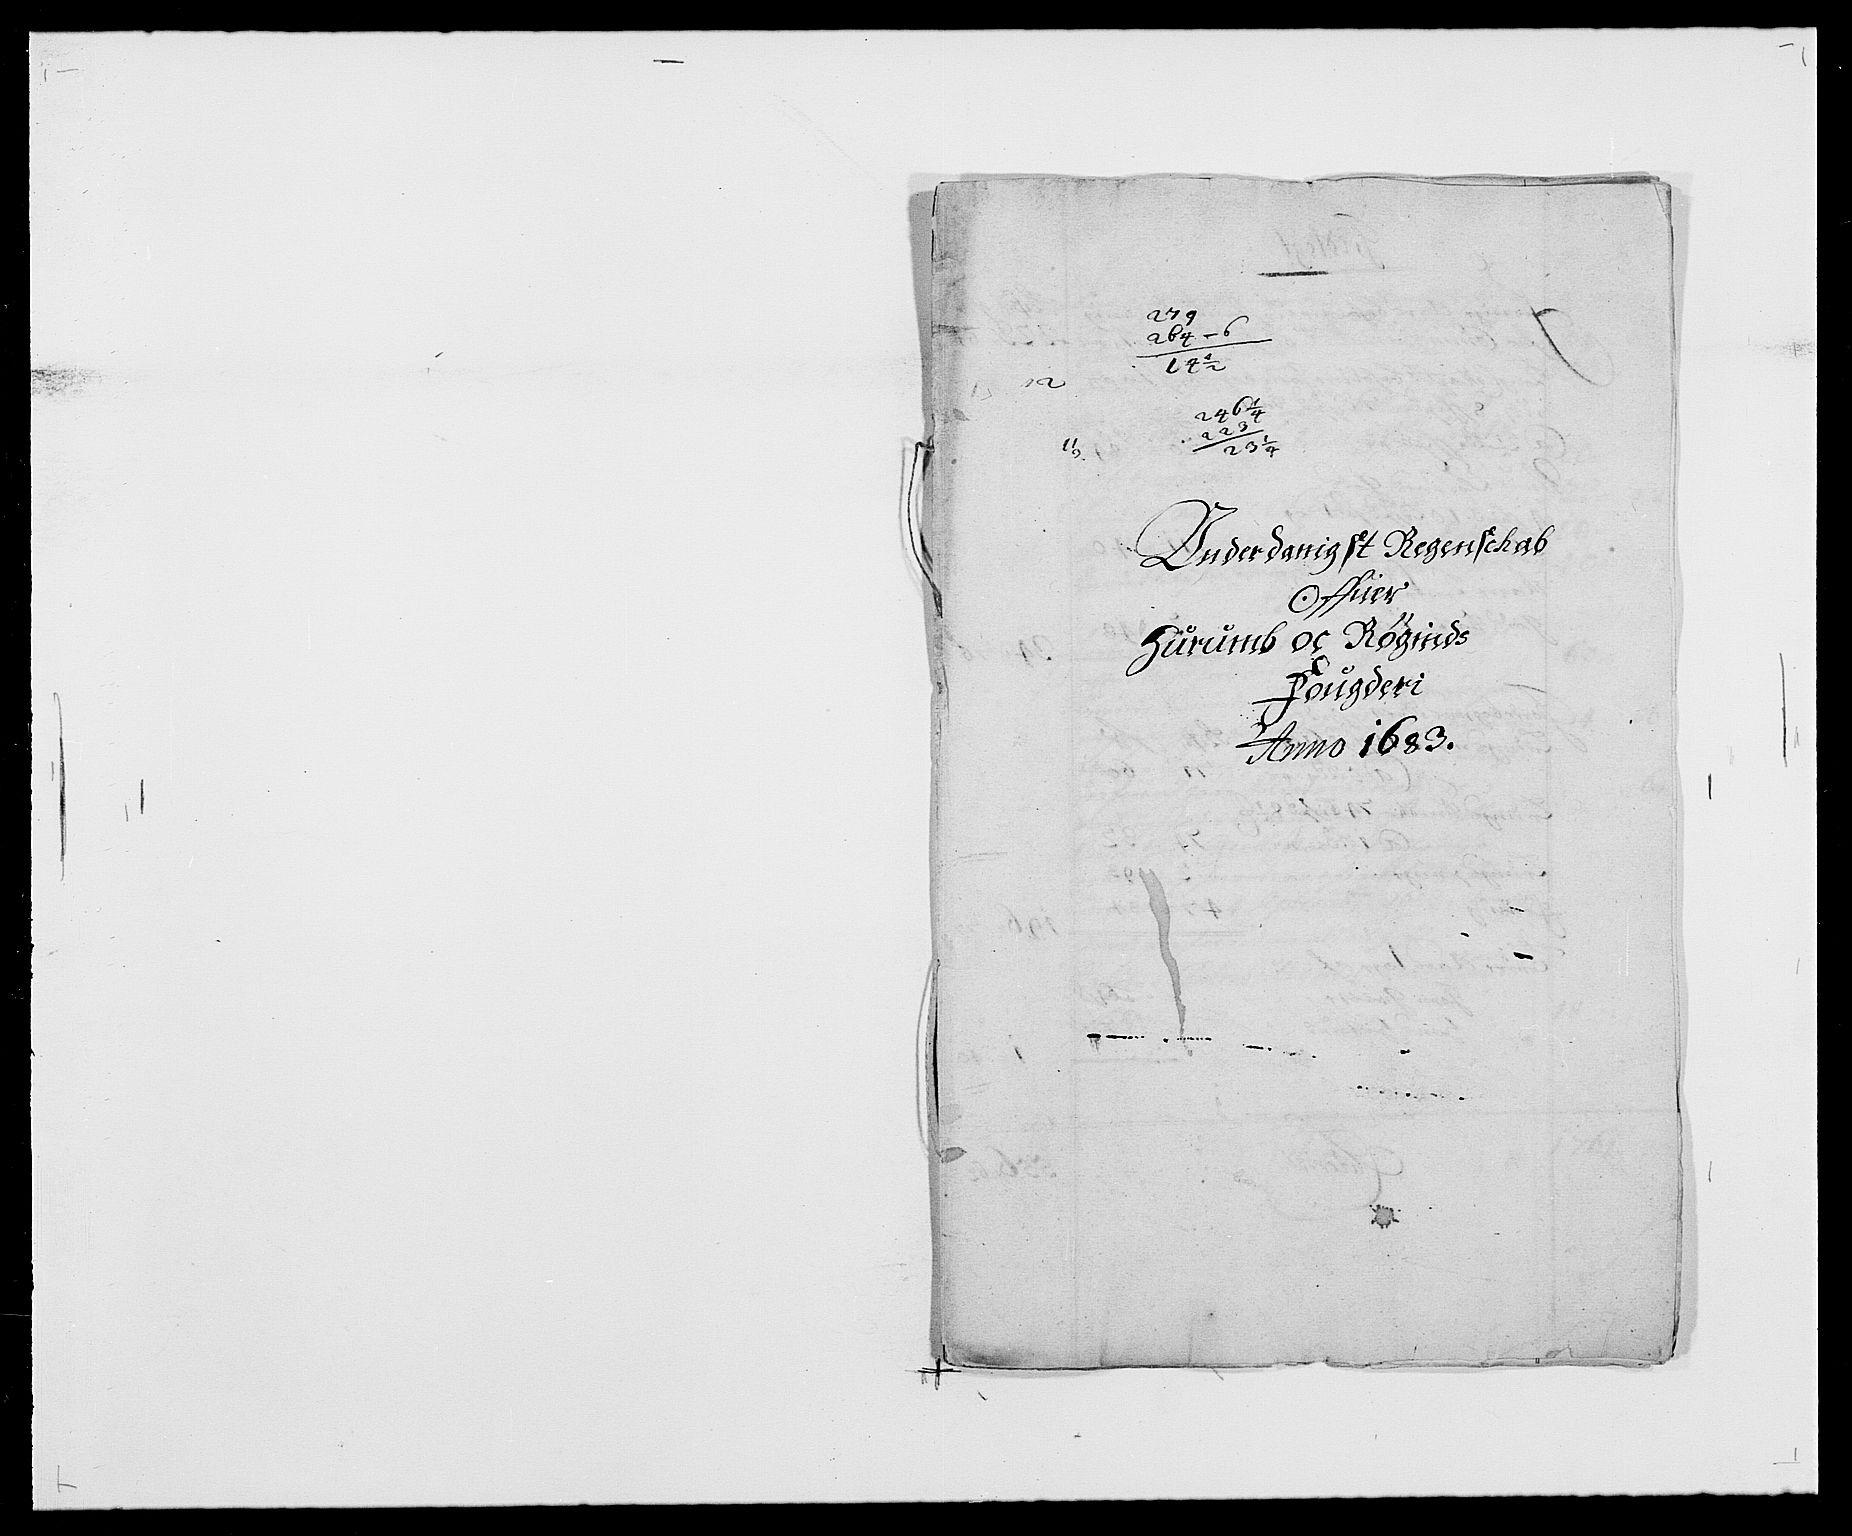 RA, Rentekammeret inntil 1814, Reviderte regnskaper, Fogderegnskap, R29/L1692: Fogderegnskap Hurum og Røyken, 1682-1687, s. 109